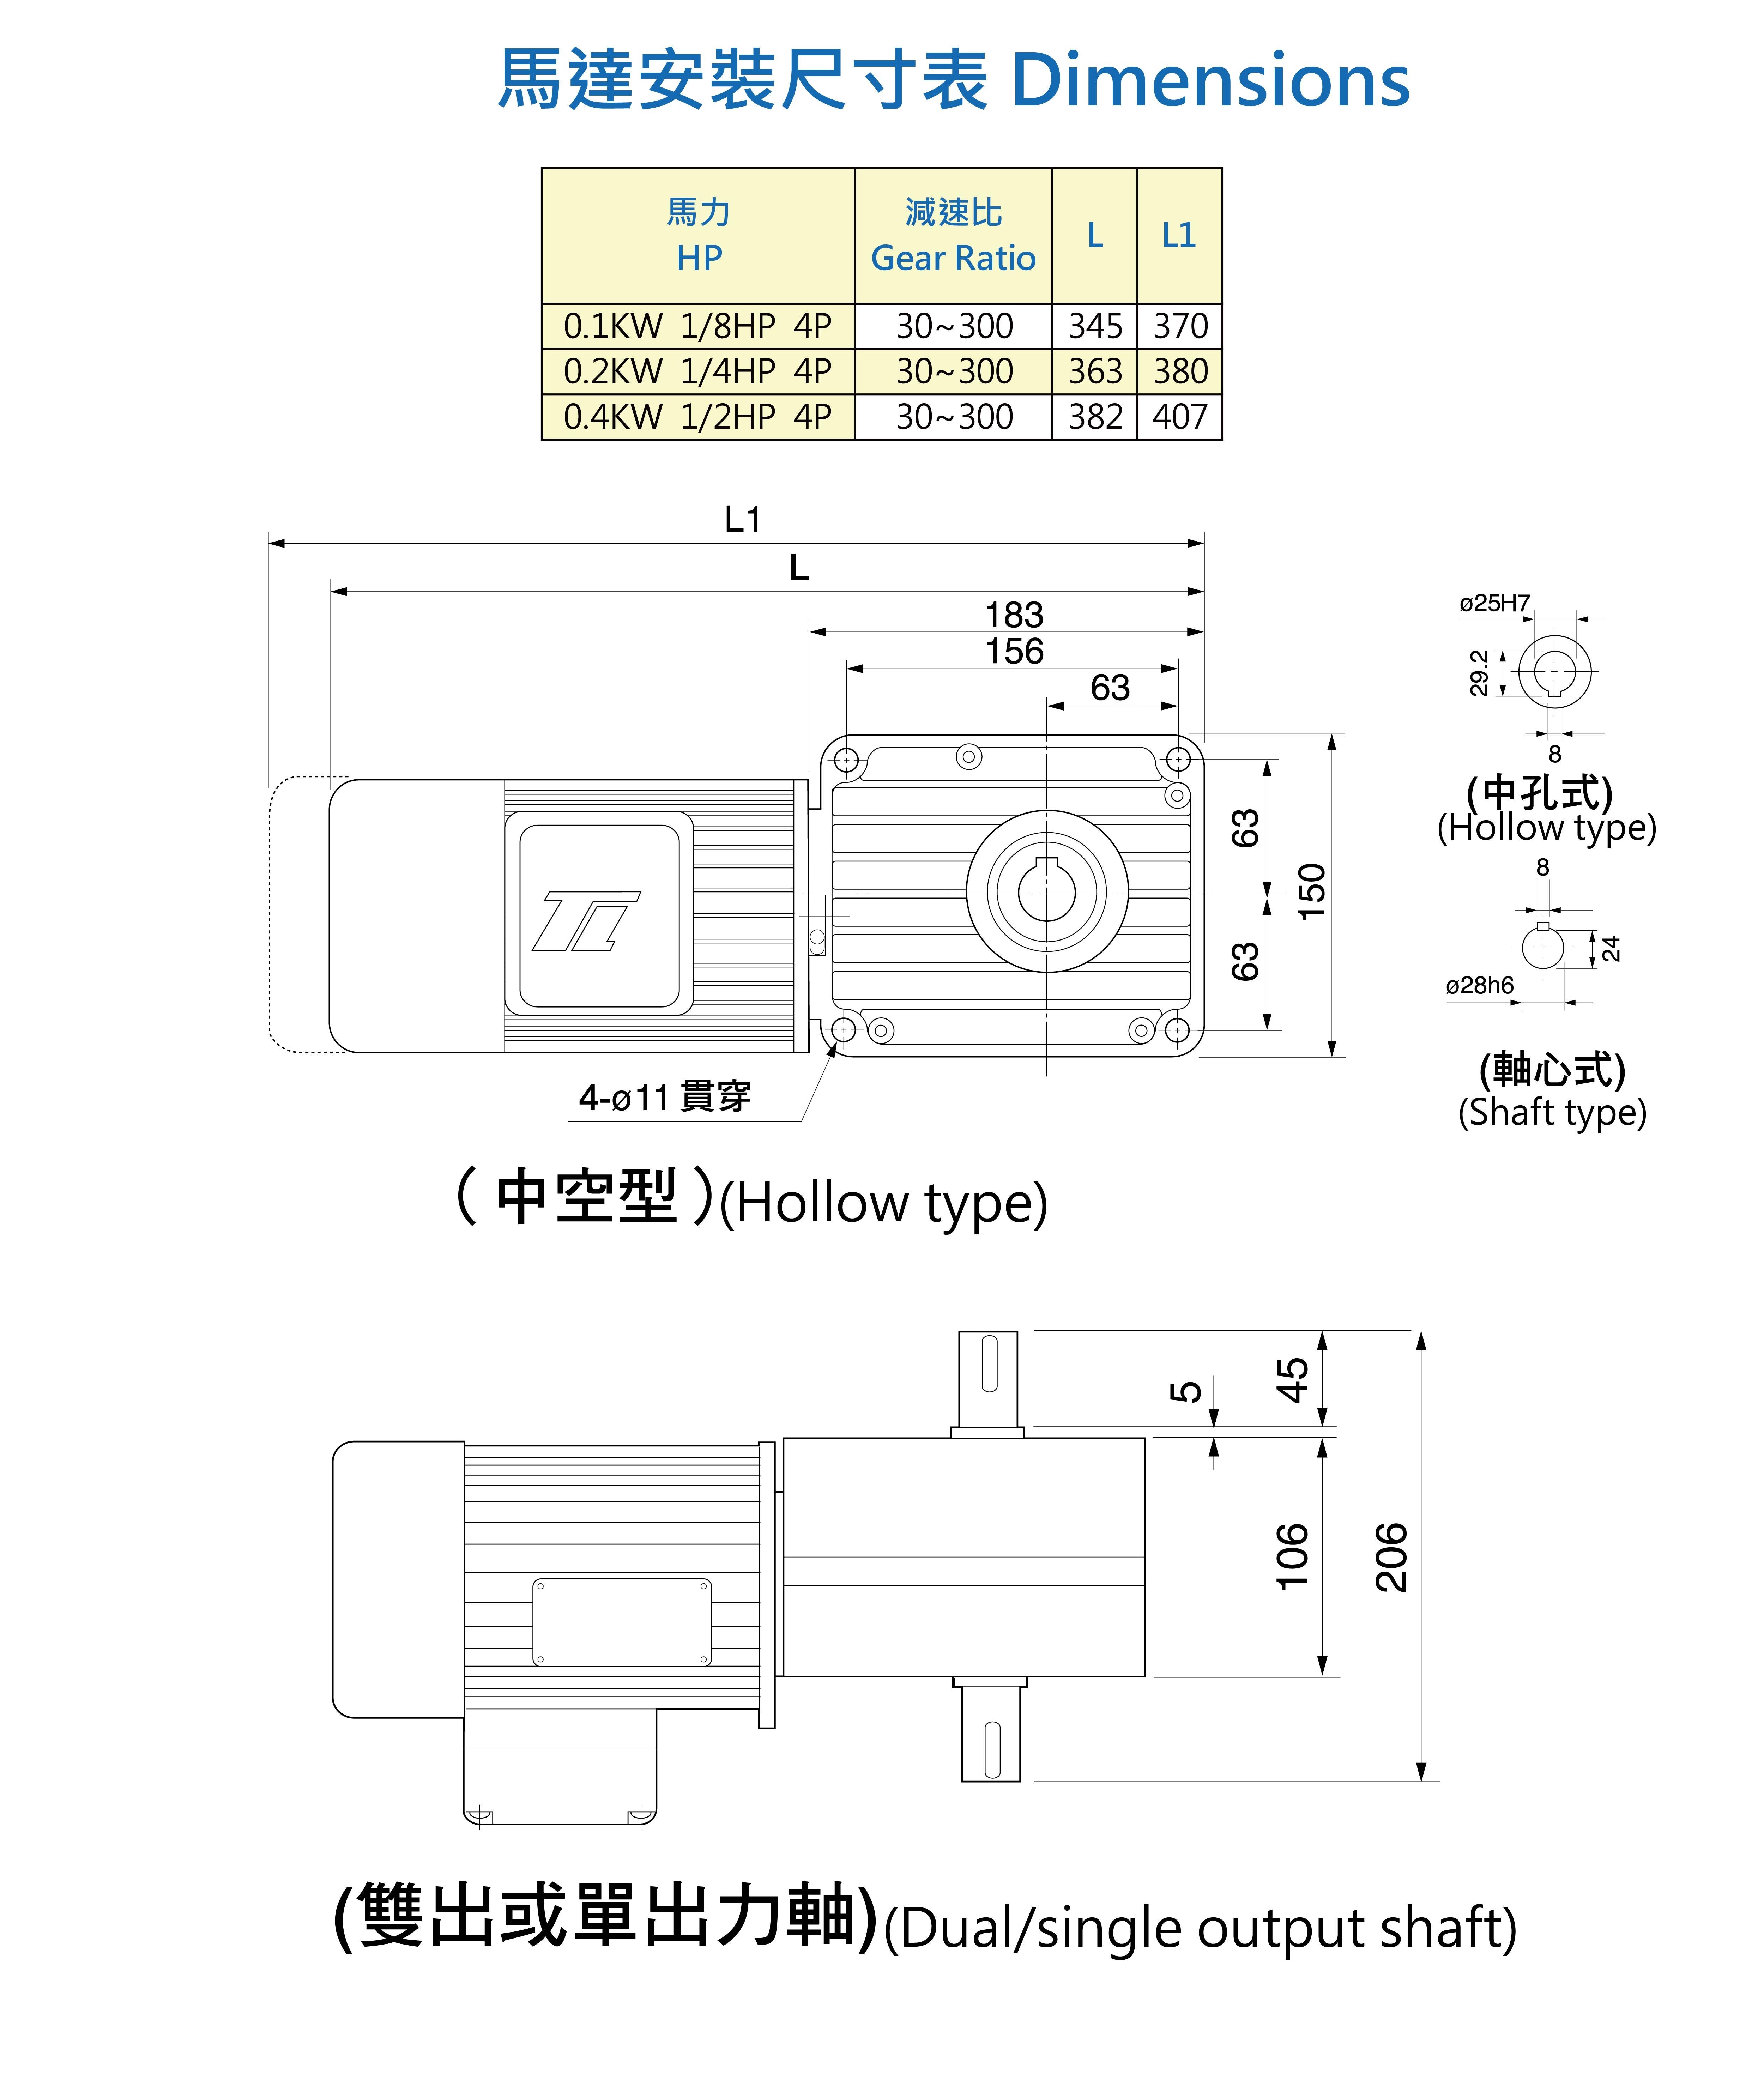 tl-1p-600单相电机电路图